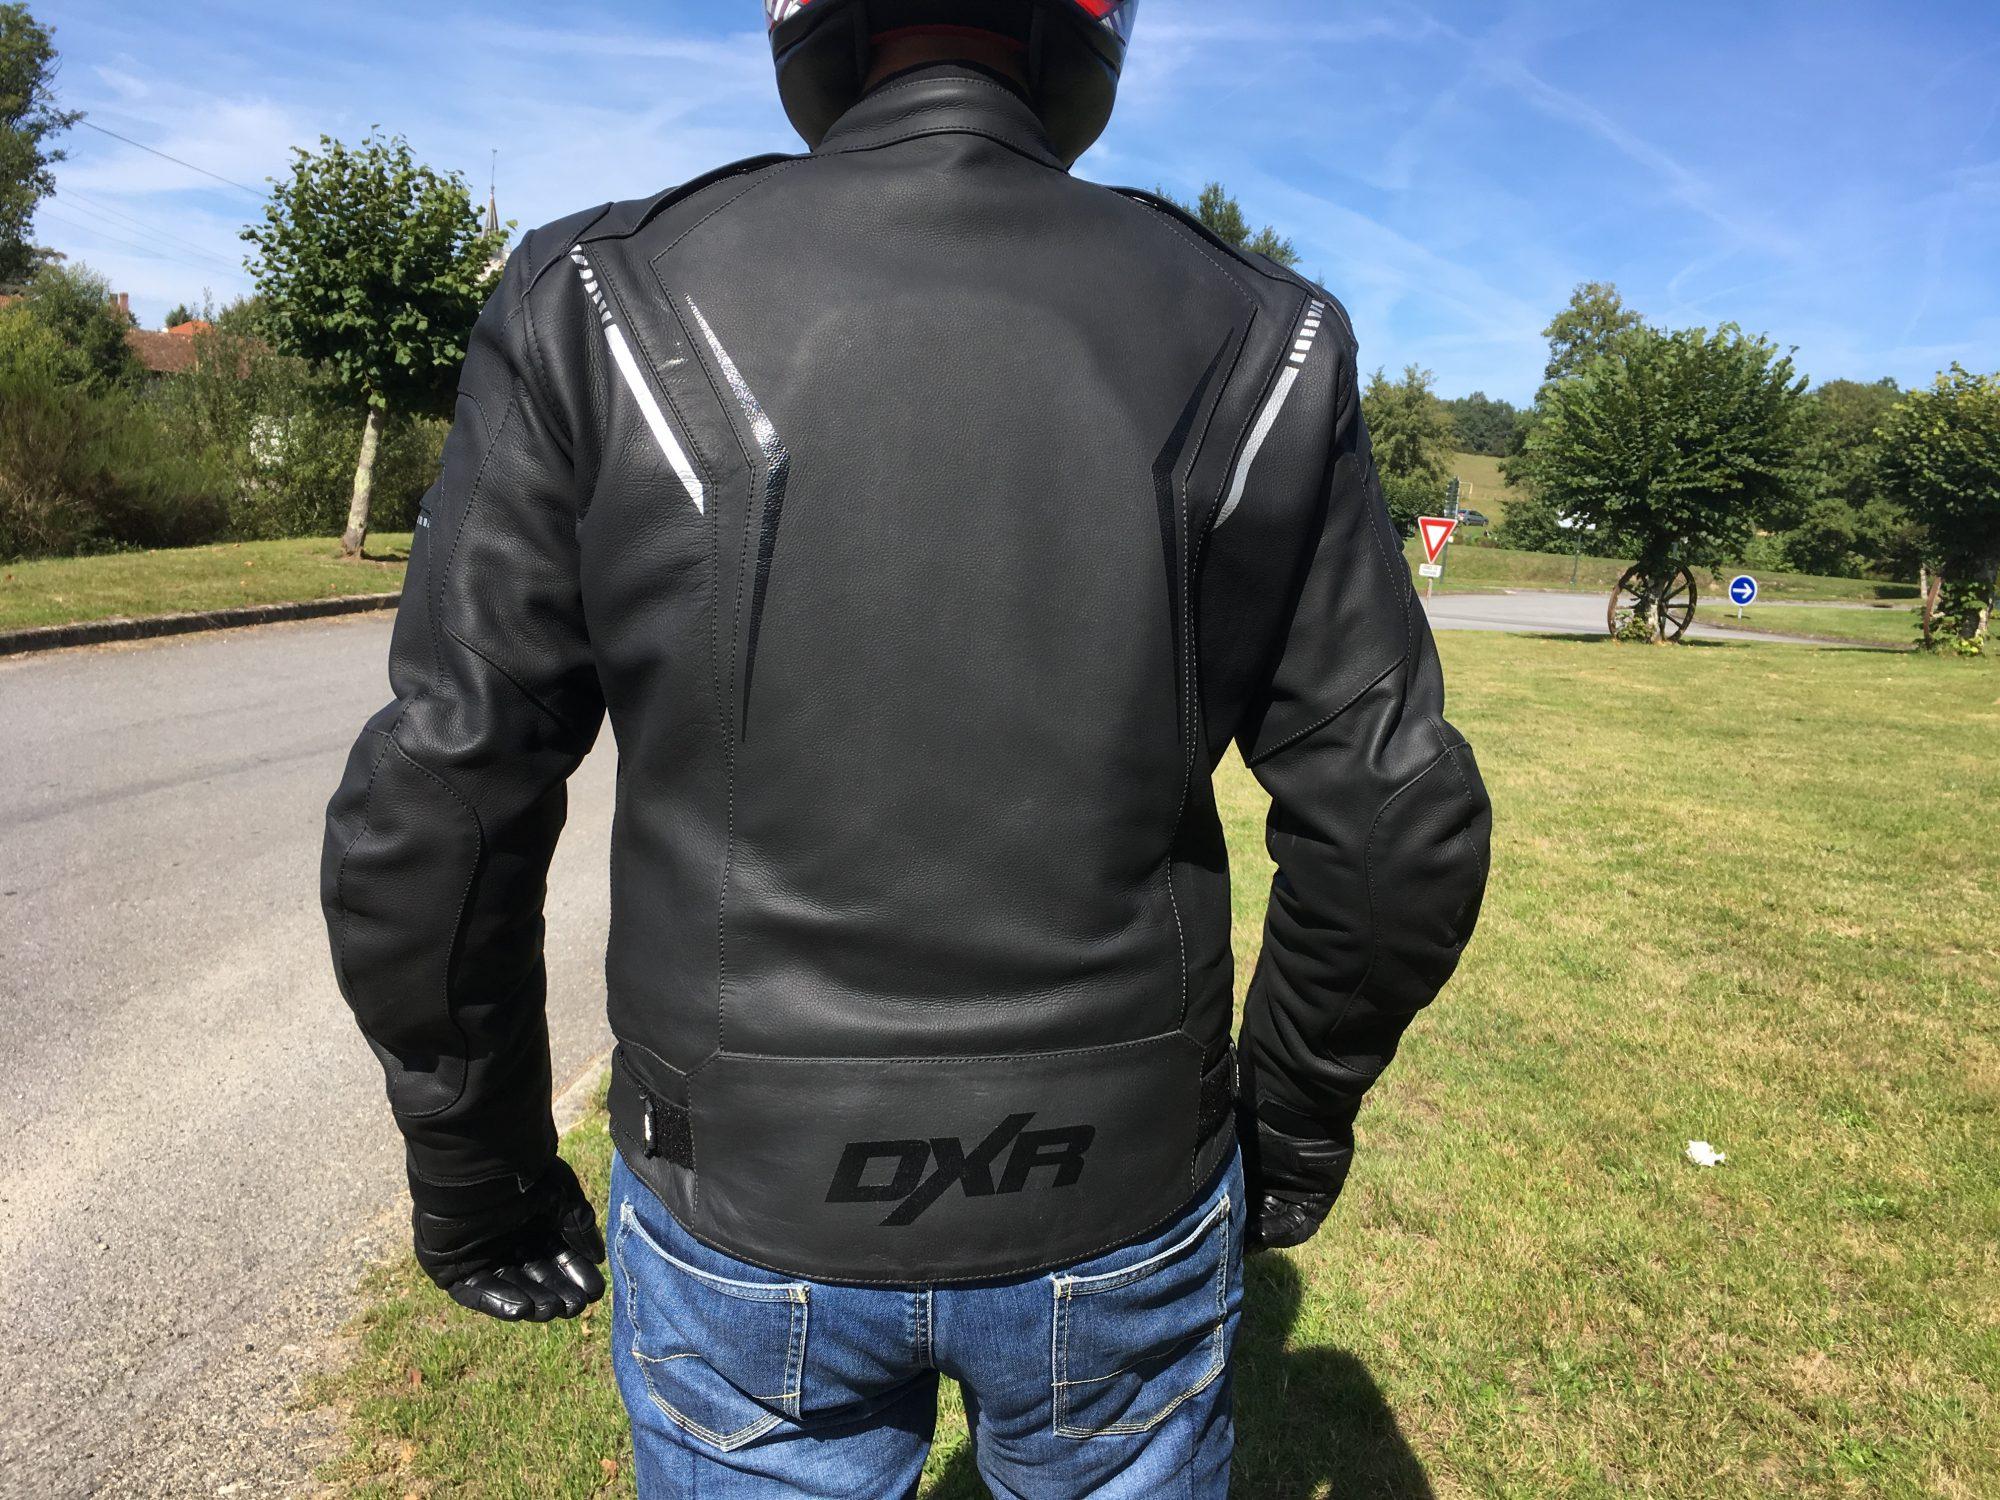 Le bas du dos reste bien couvert sur le blouson cuir DXR Dynamic